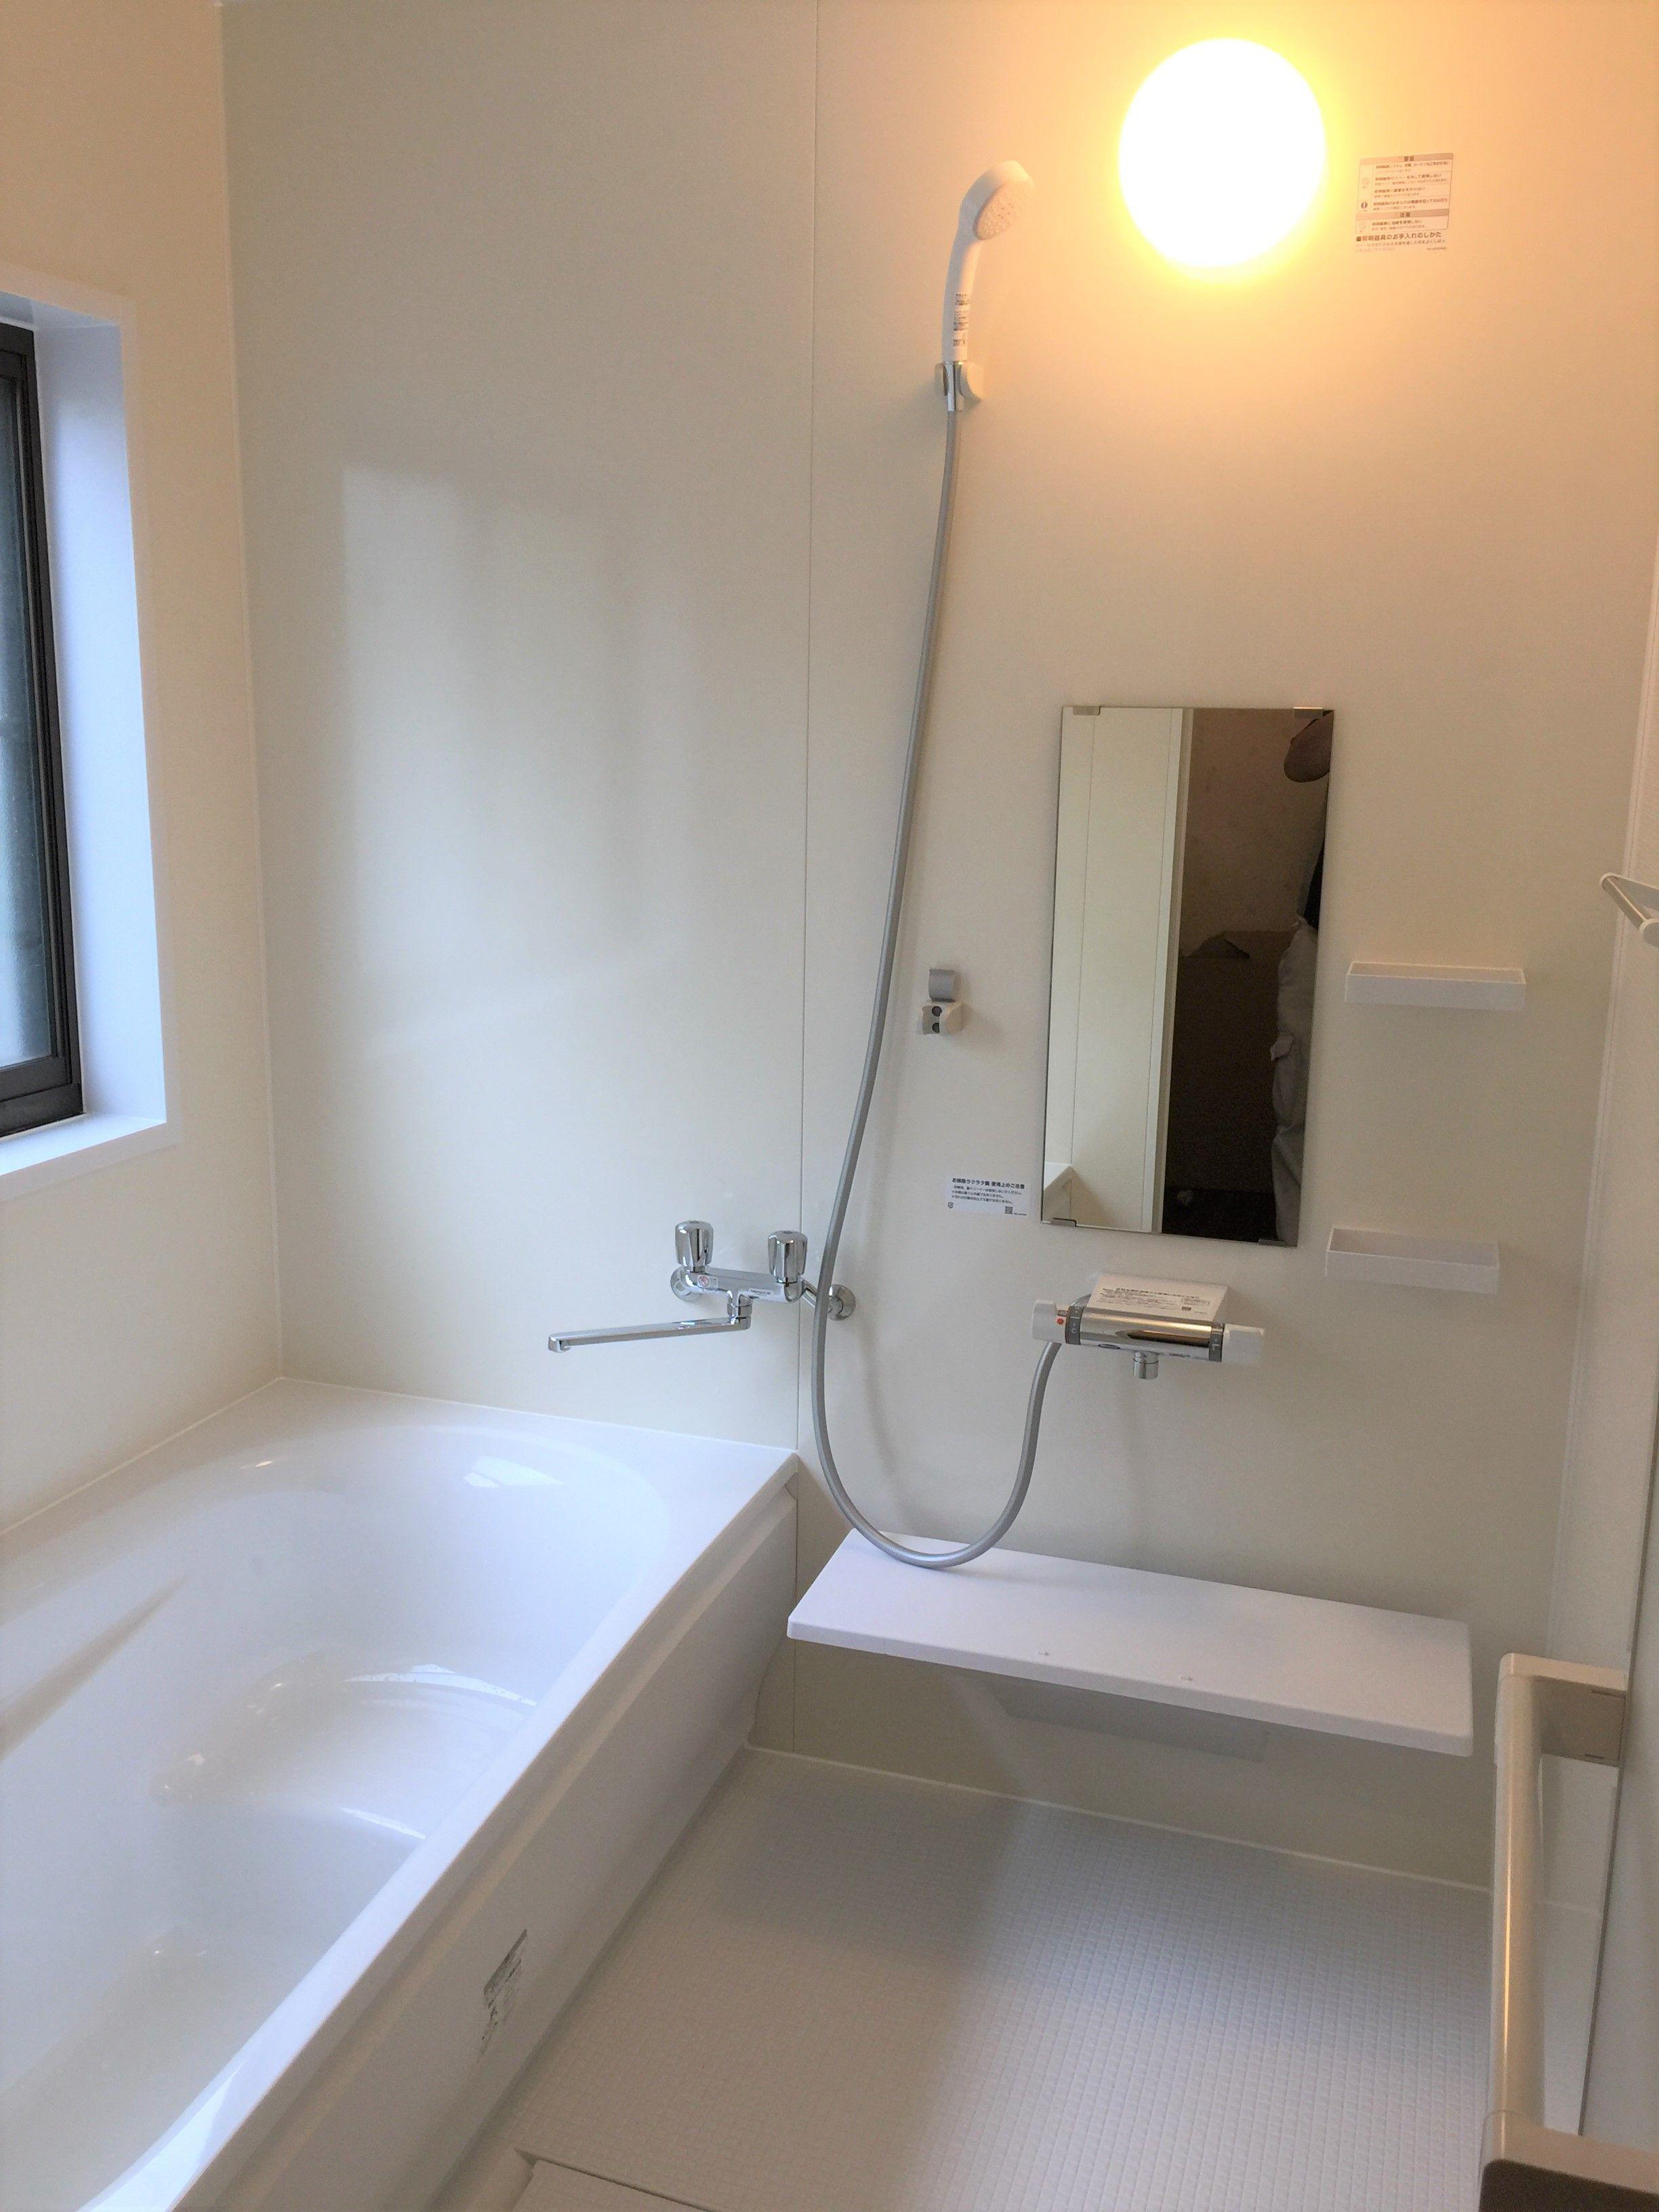 Toto サザナhsシリーズ Nタイプの浴室リフォームです プリエベージュ